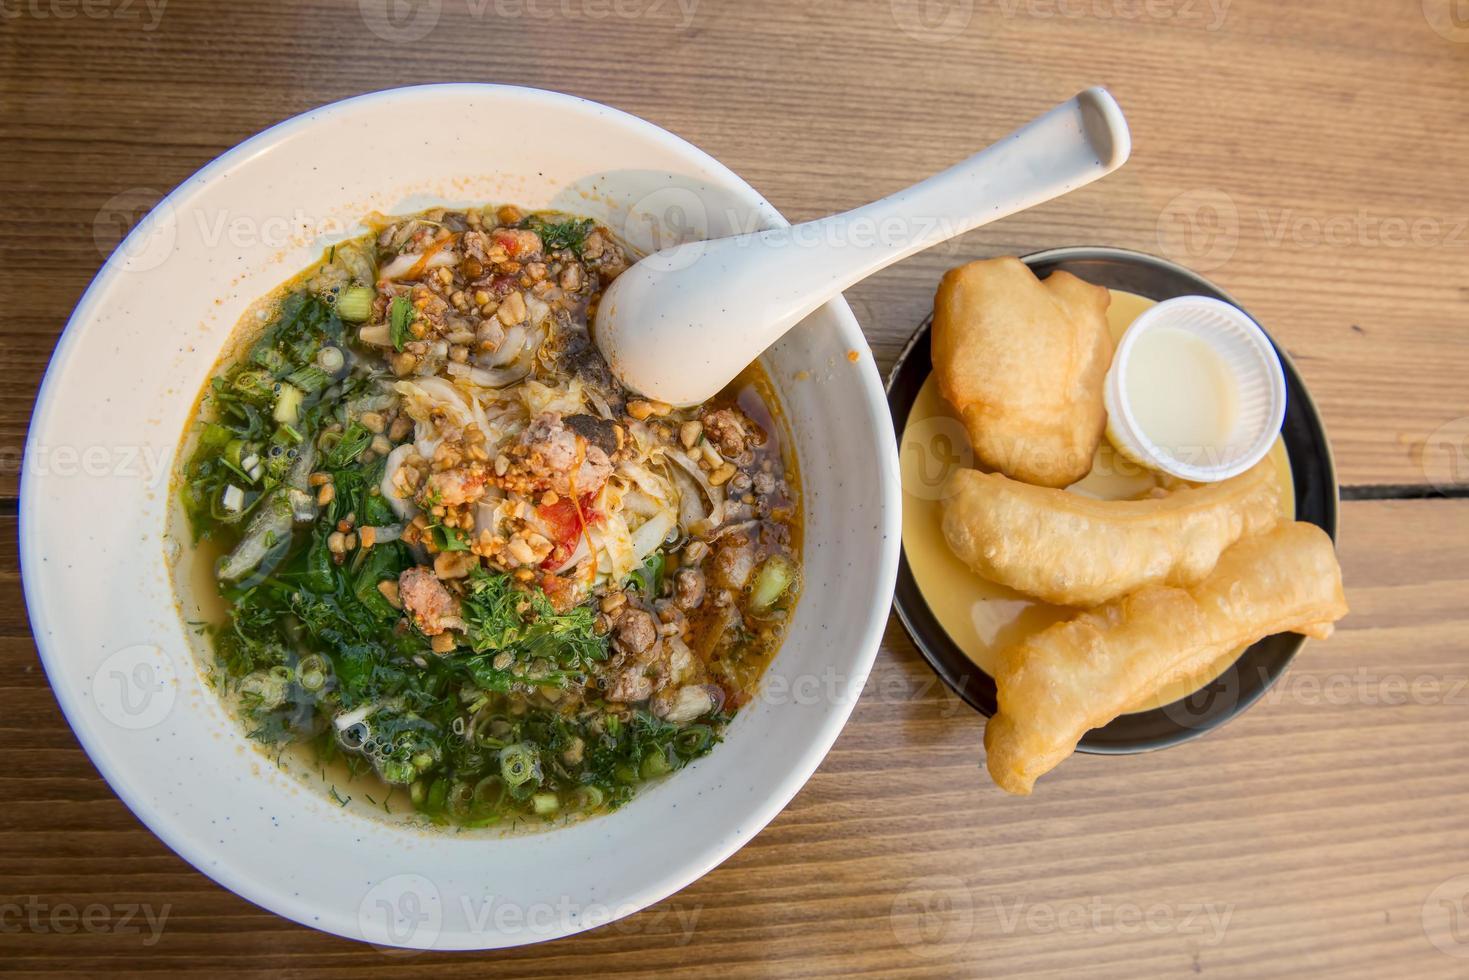 sopa de fideos de arroz yunnan con barra de masa frita foto